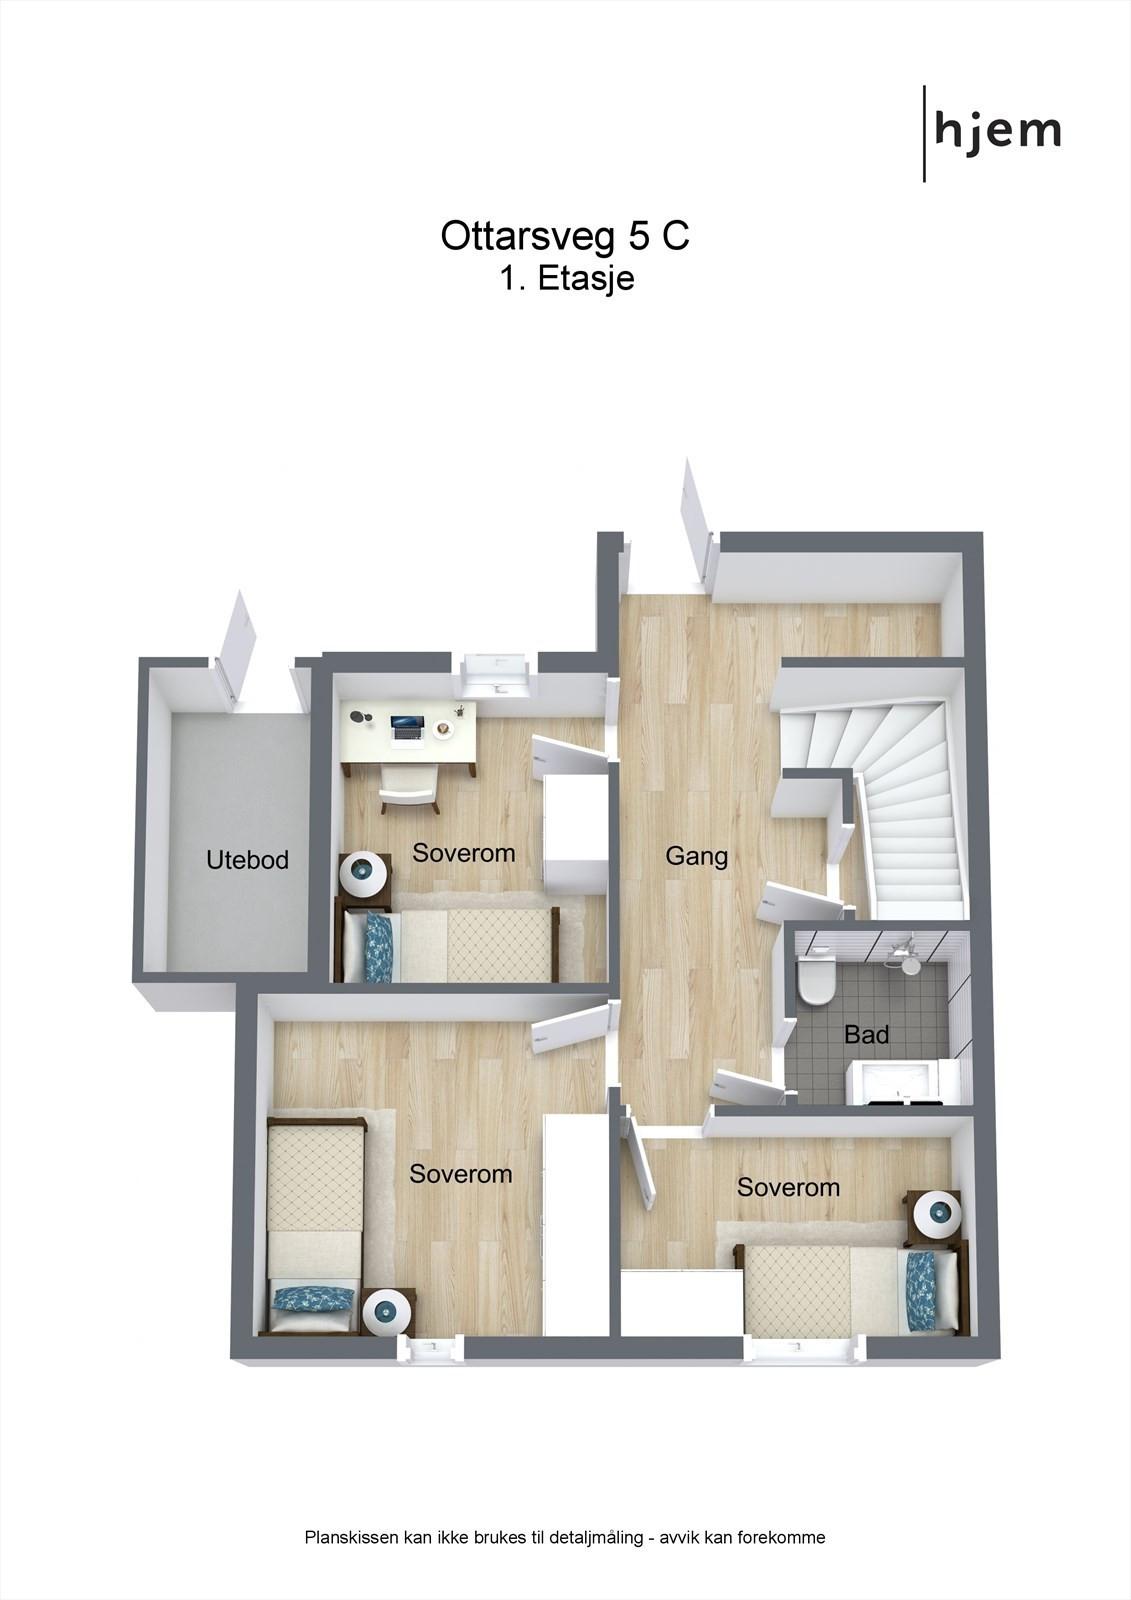 3D planillustrasjon av 1. etasje.